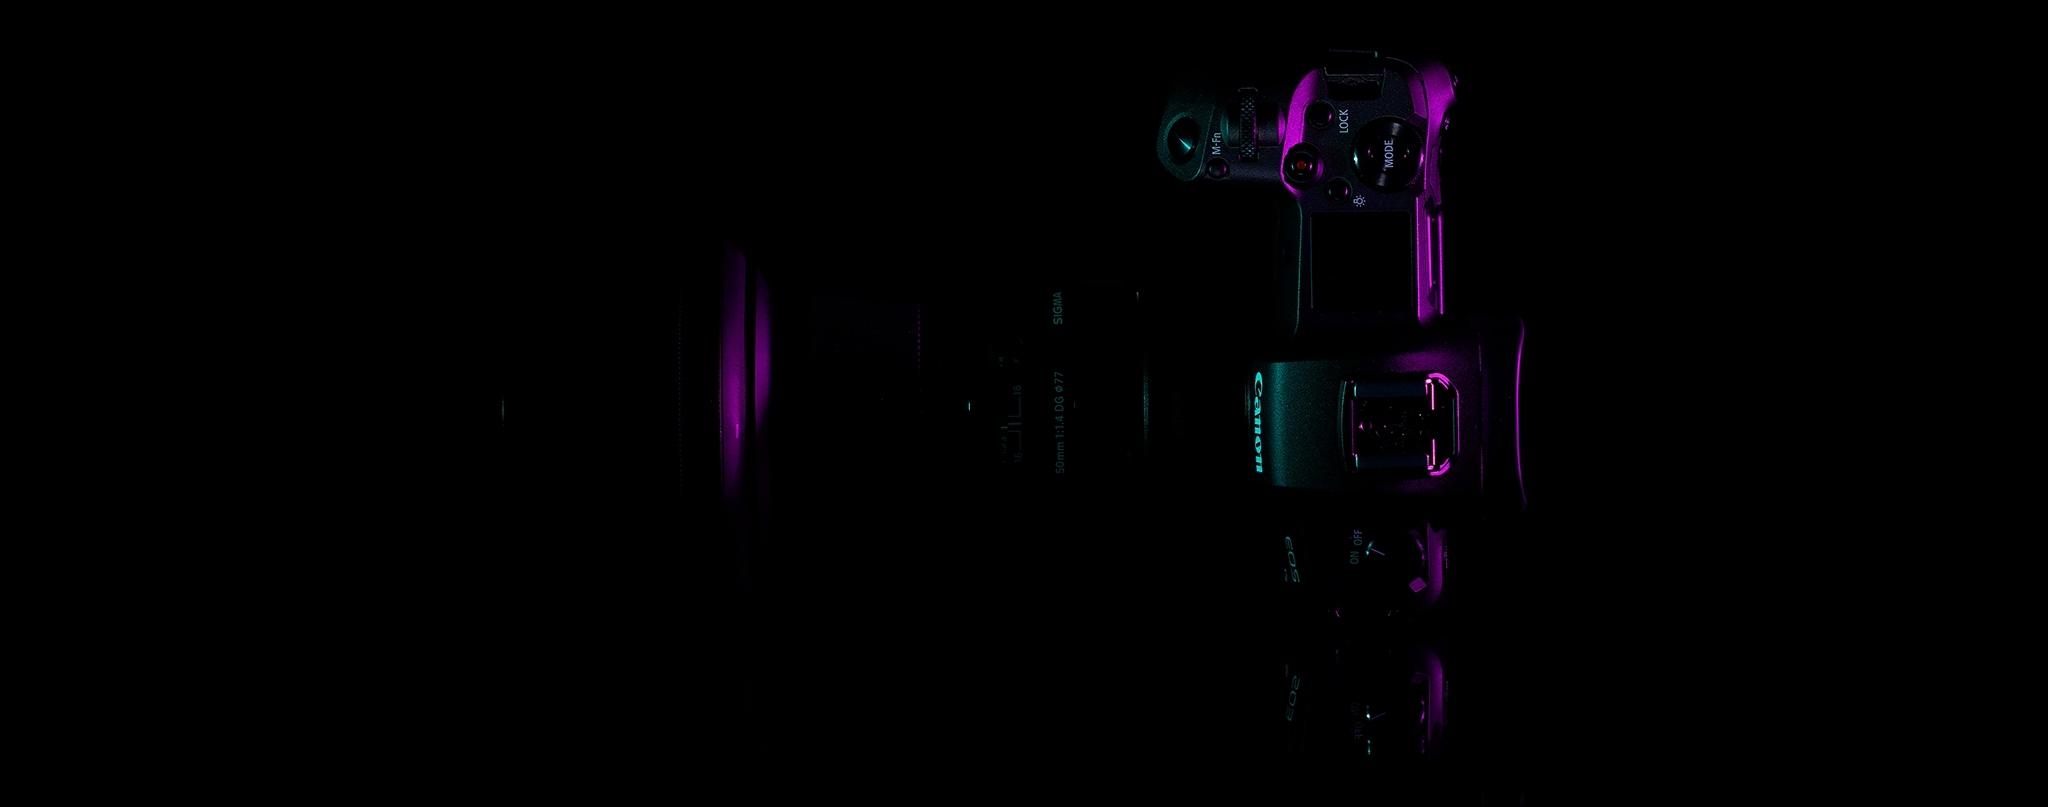 canon eos r fullframe camera